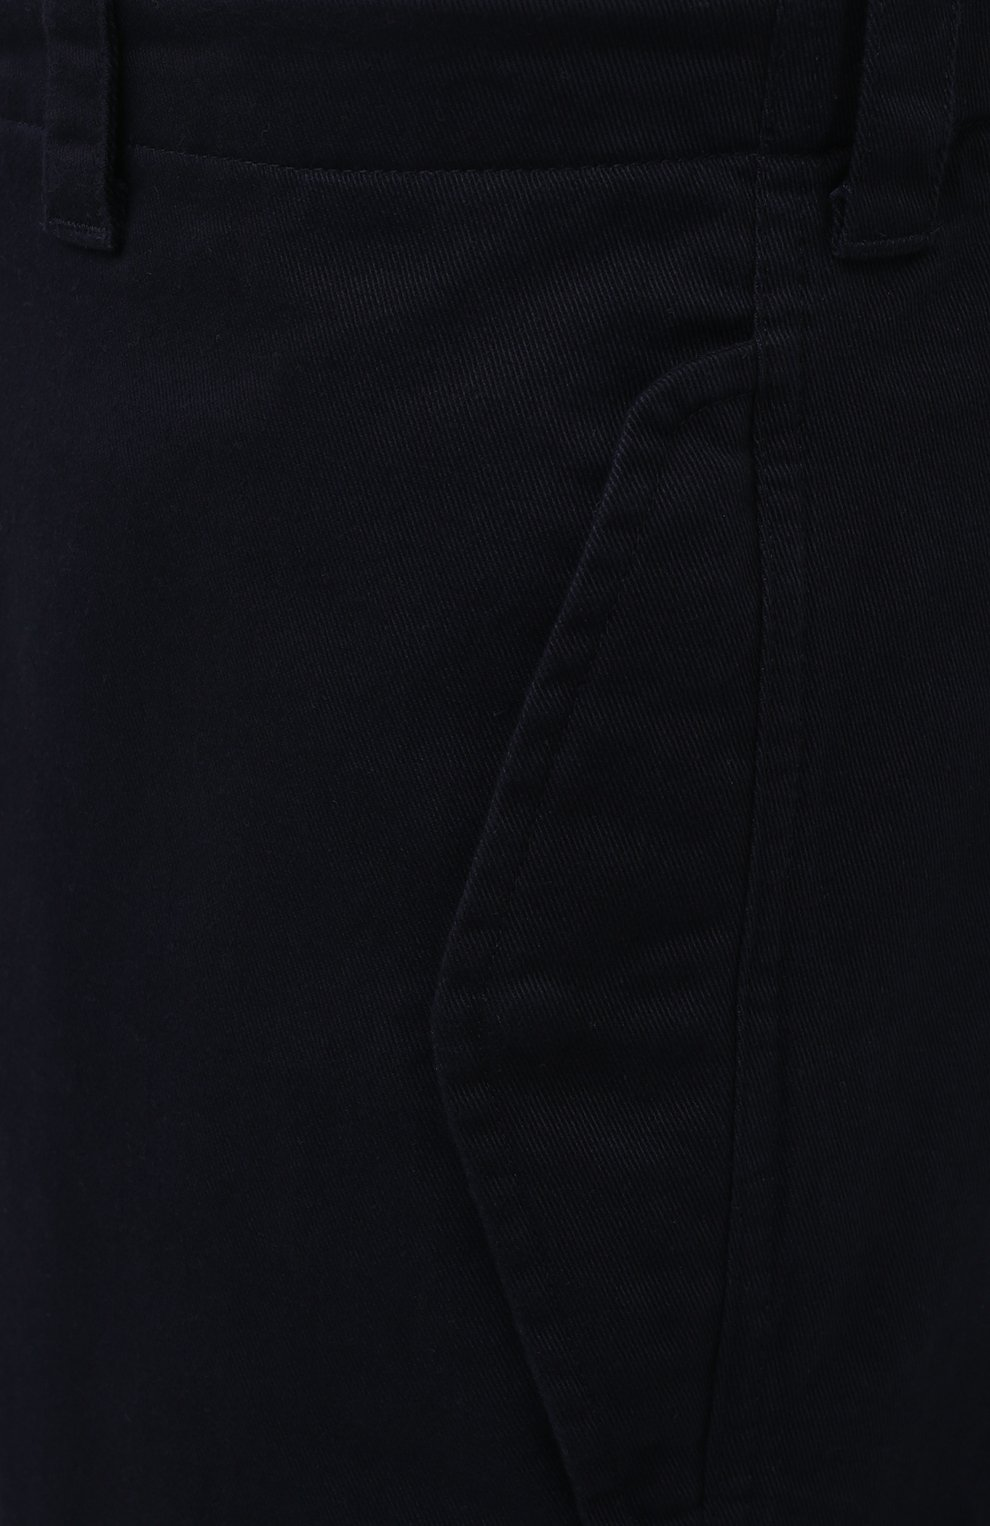 Мужские хлопковые брюки-карго ASPESI темно-синего цвета, арт. S1 A CP10 E794 | Фото 5 (Силуэт М (брюки): Карго; Длина (брюки, джинсы): Стандартные; Случай: Повседневный; Материал внешний: Хлопок; Стили: Кэжуэл)